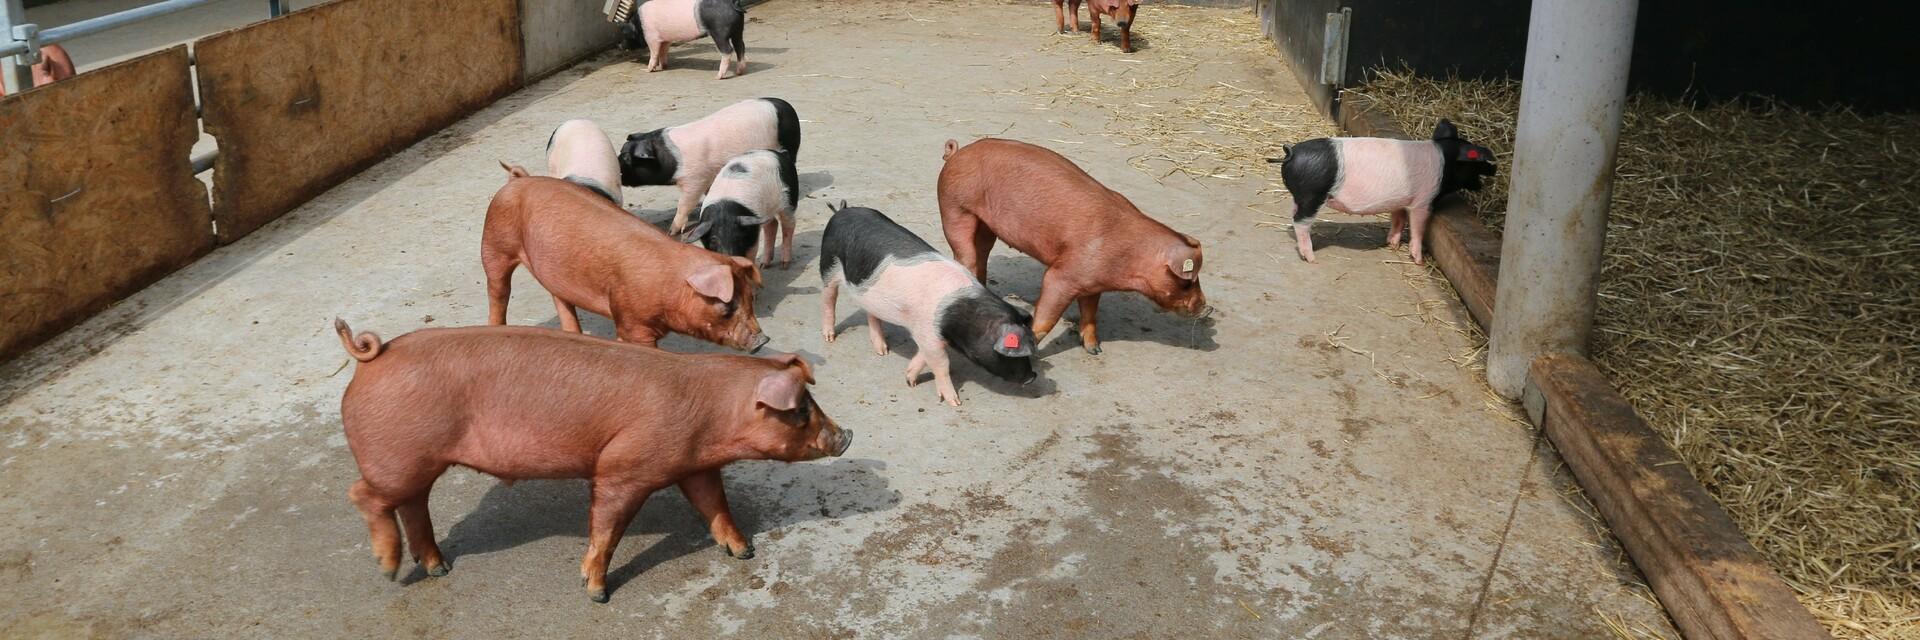 Schweine im offenen Stall mit Auslauf